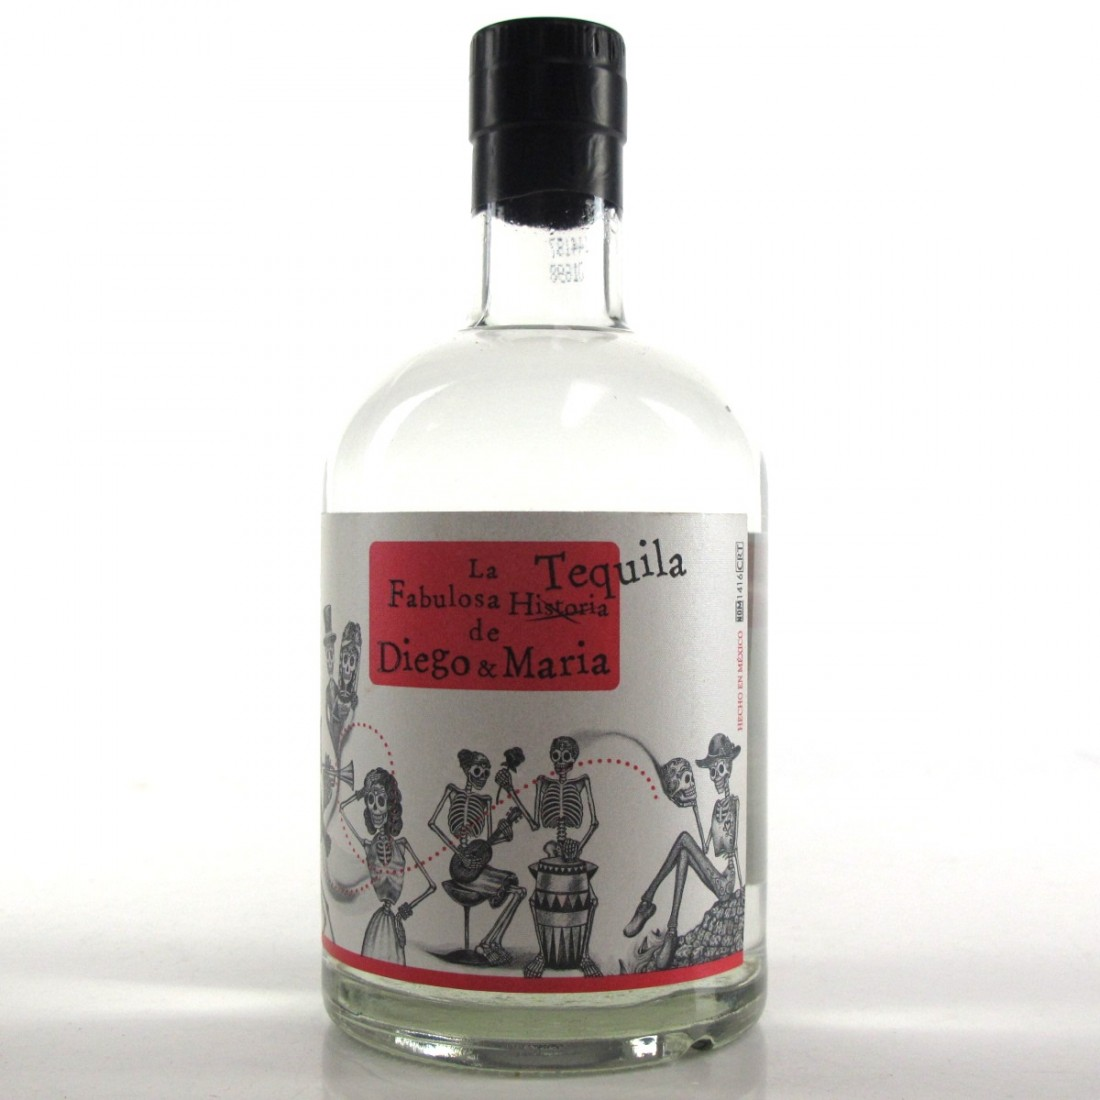 La Fabulosa Tequila Diego & Maria